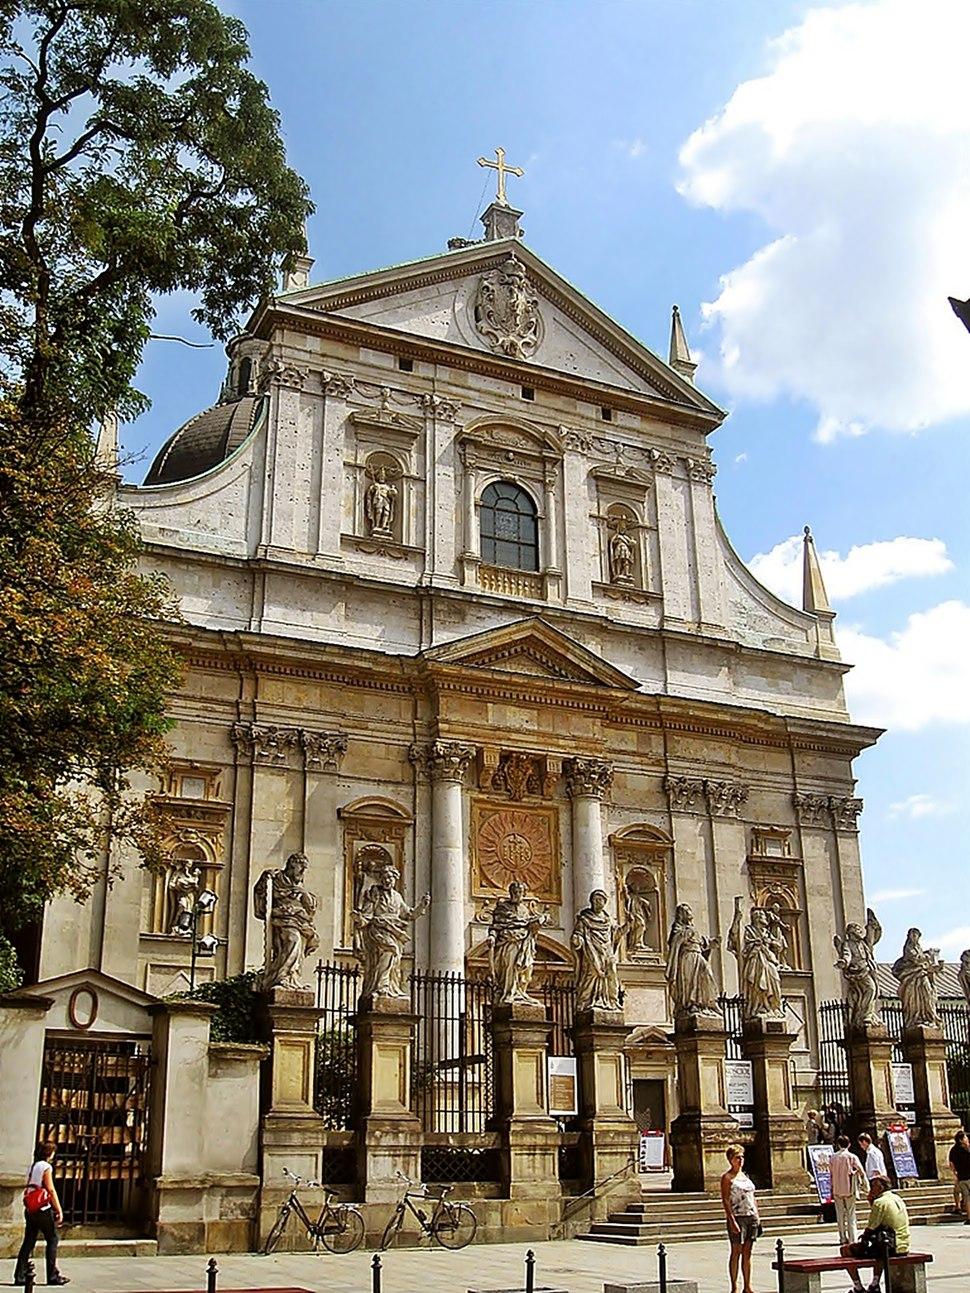 Kraków - Kościół Świętych Apostołów Piotra i Pawła